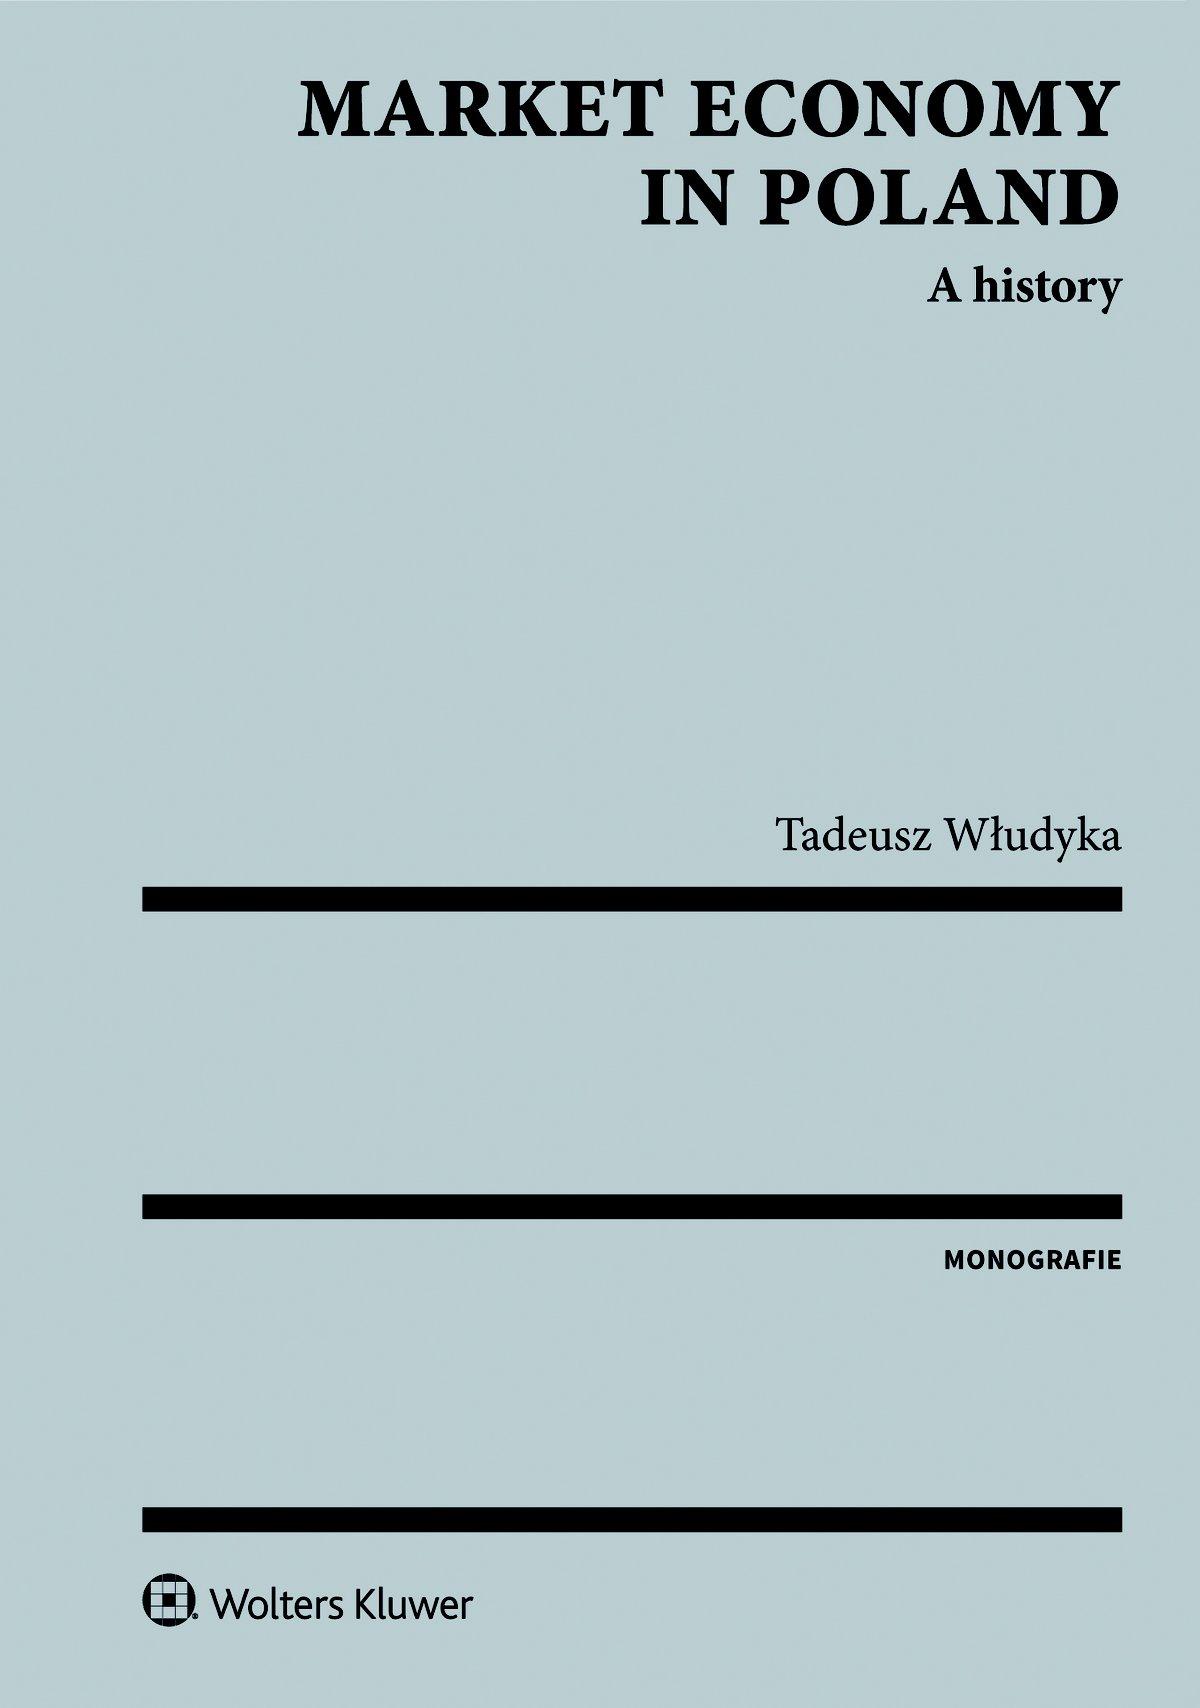 Market economy in Poland. A history - Ebook (Książka PDF) do pobrania w formacie PDF